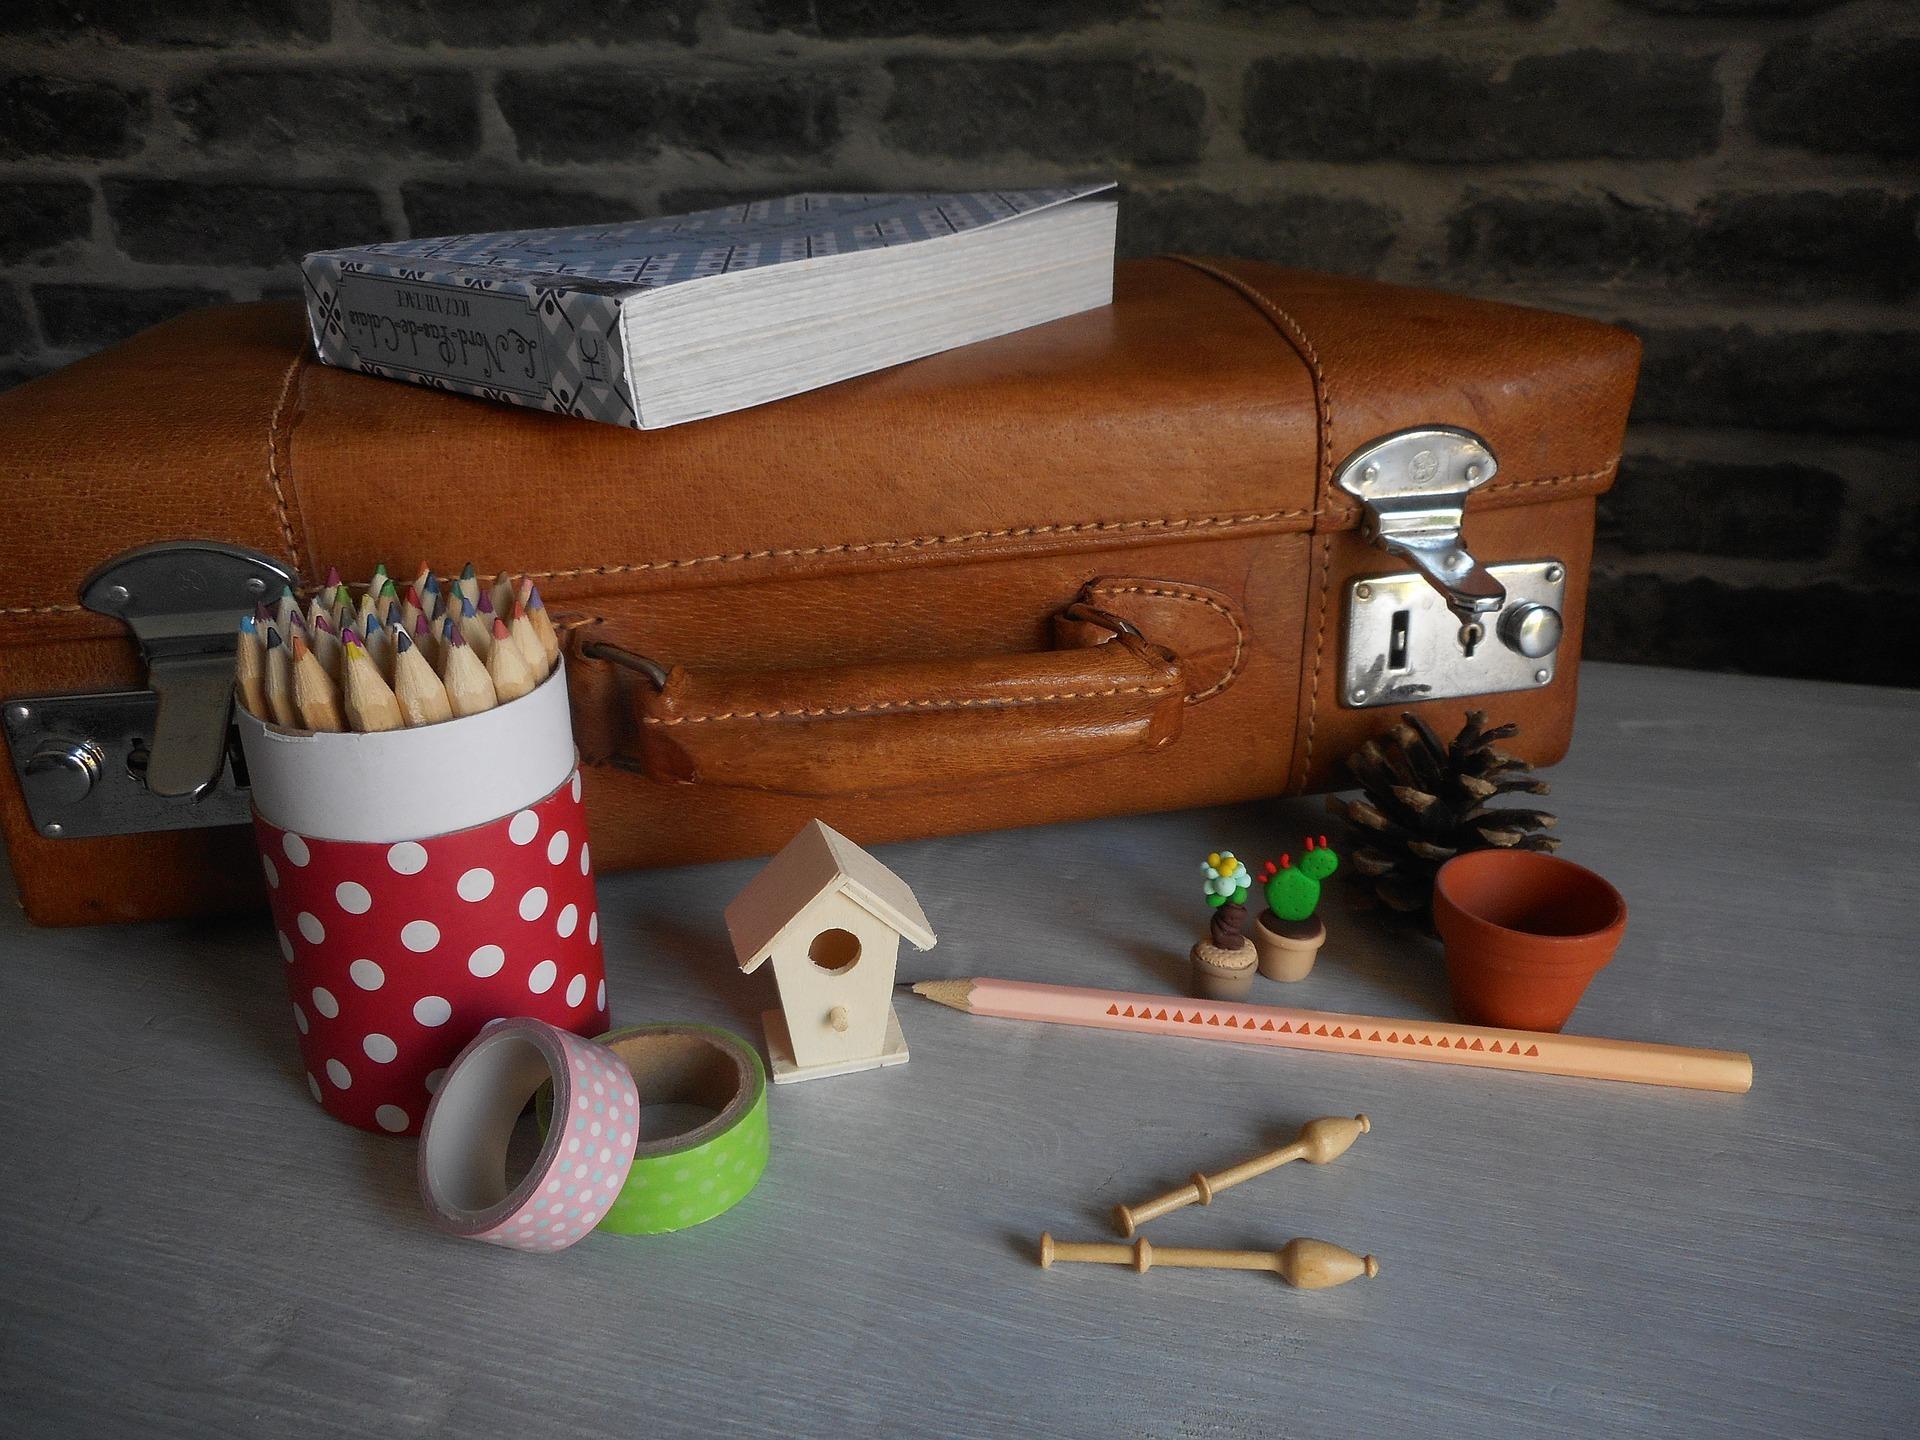 pencil-pot-2097599_1920.jpg